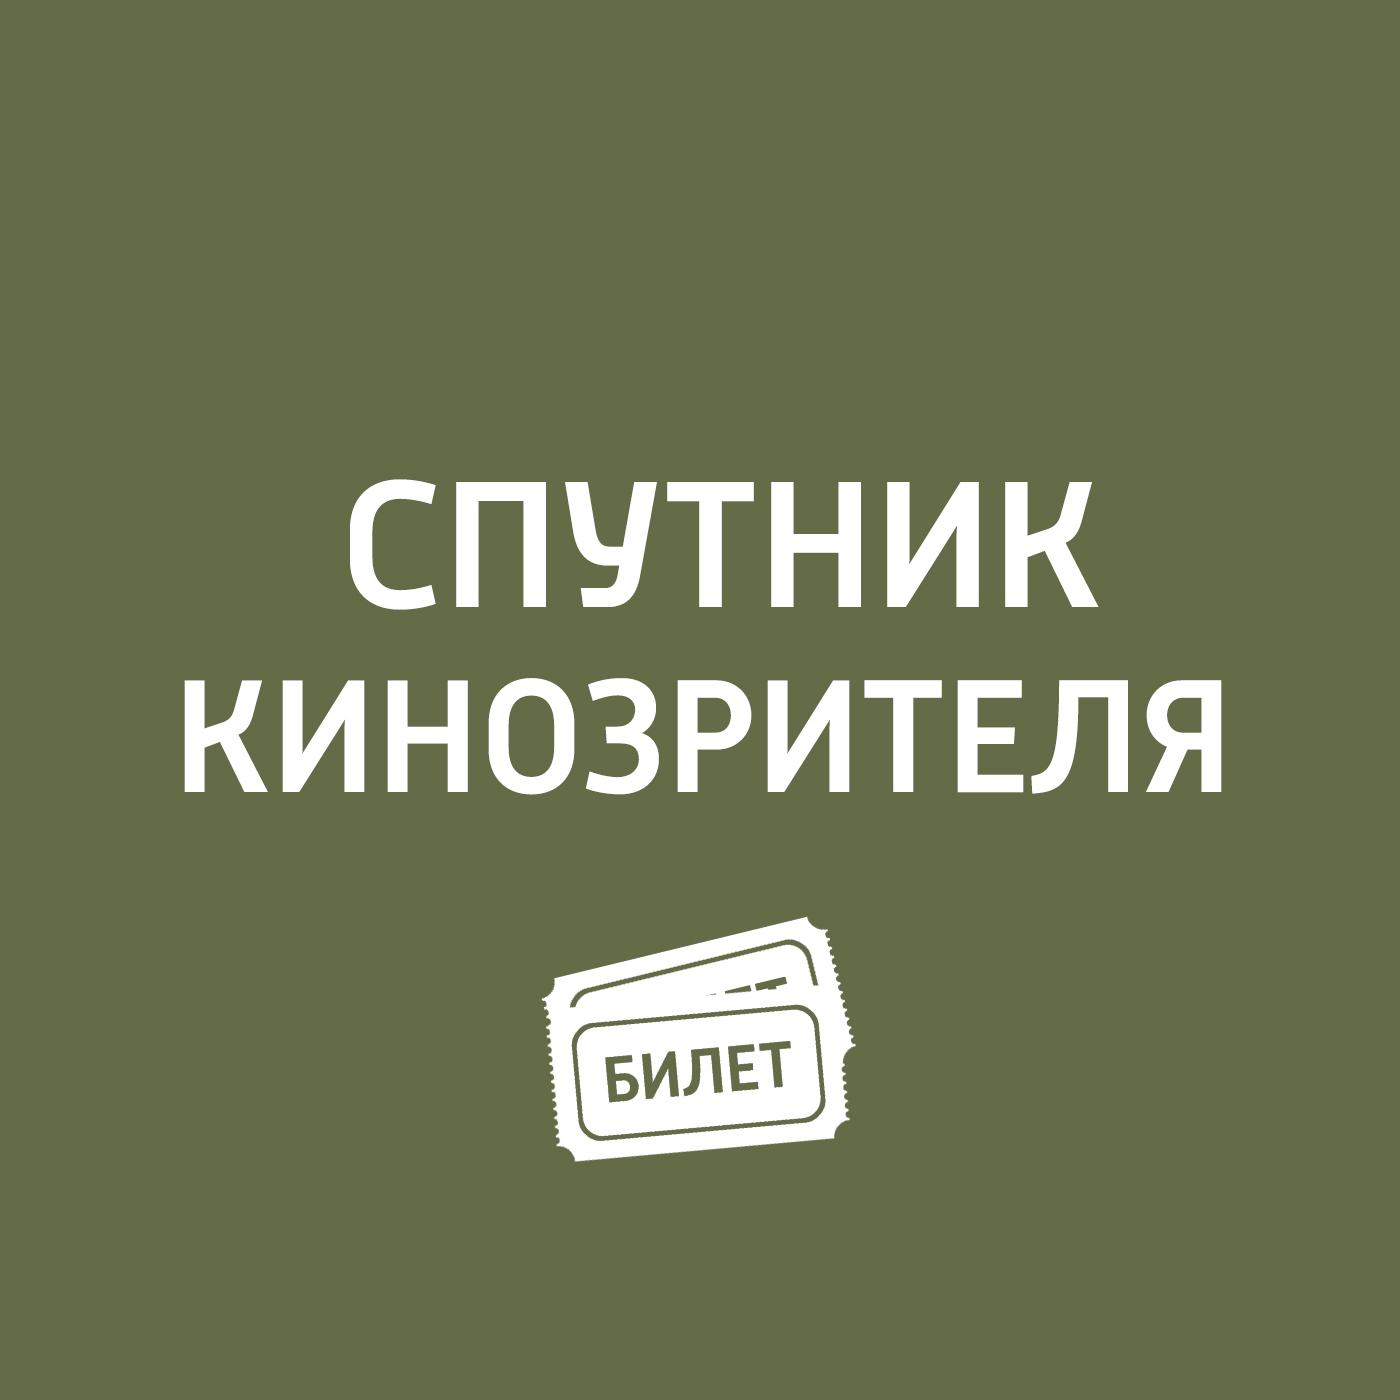 Антон Долин Итоги премии Оскар 2017 антон долин итоги премии оскар 2017